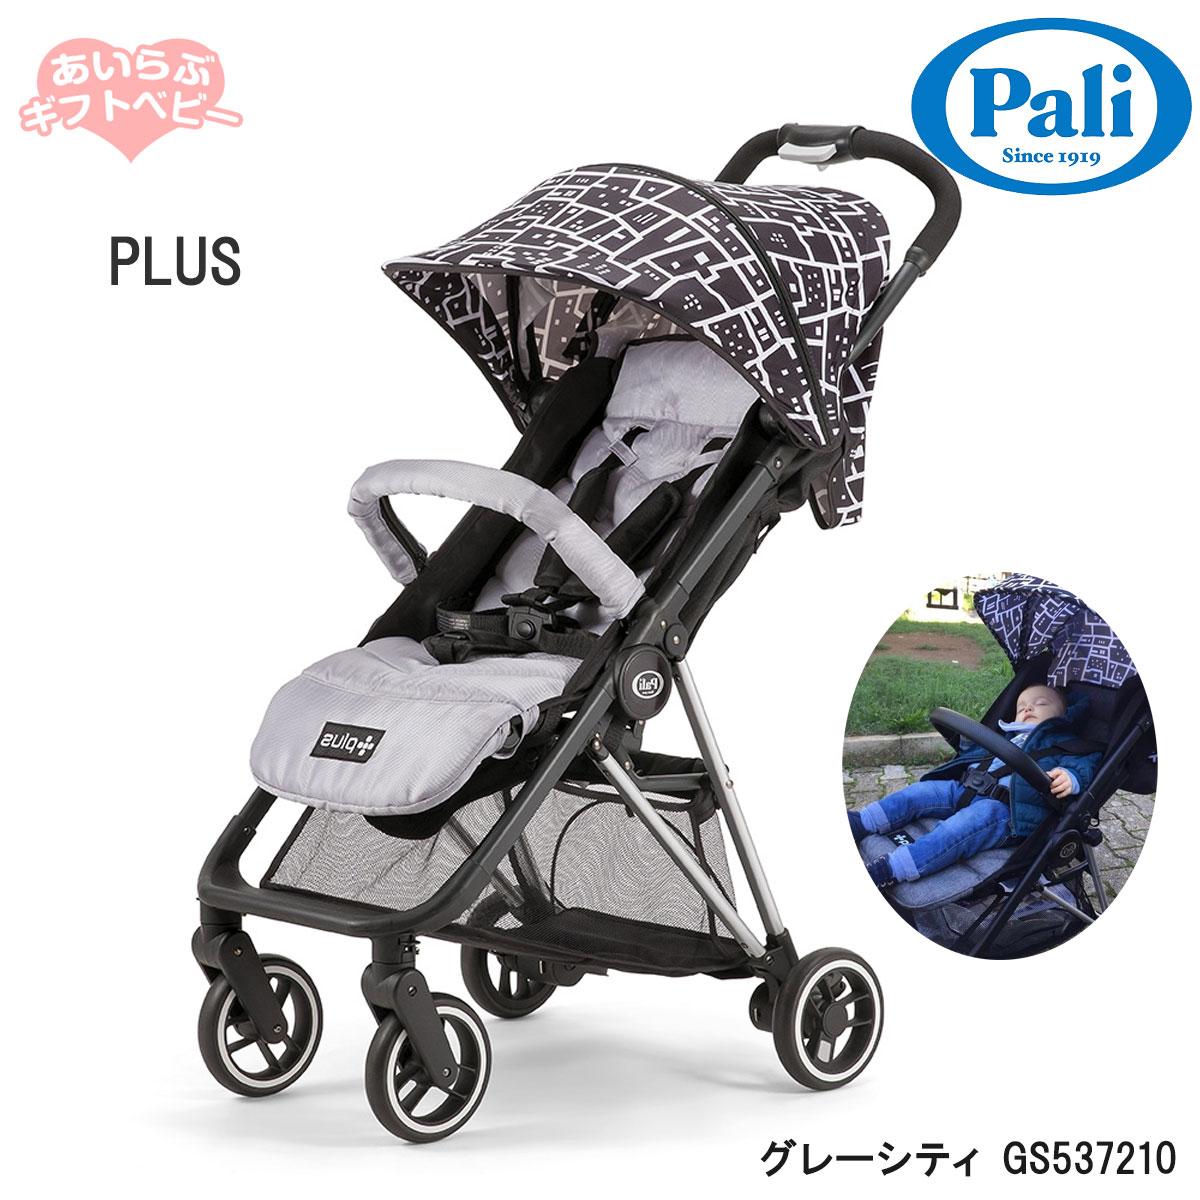 【送料無料】Pali Japan プラス(PLUS) グレーシティGS537210/A型コンパクト収納タイプベビーカー/パーリ 赤ちゃん 【1ヶ月~36ヶ月頃まで】